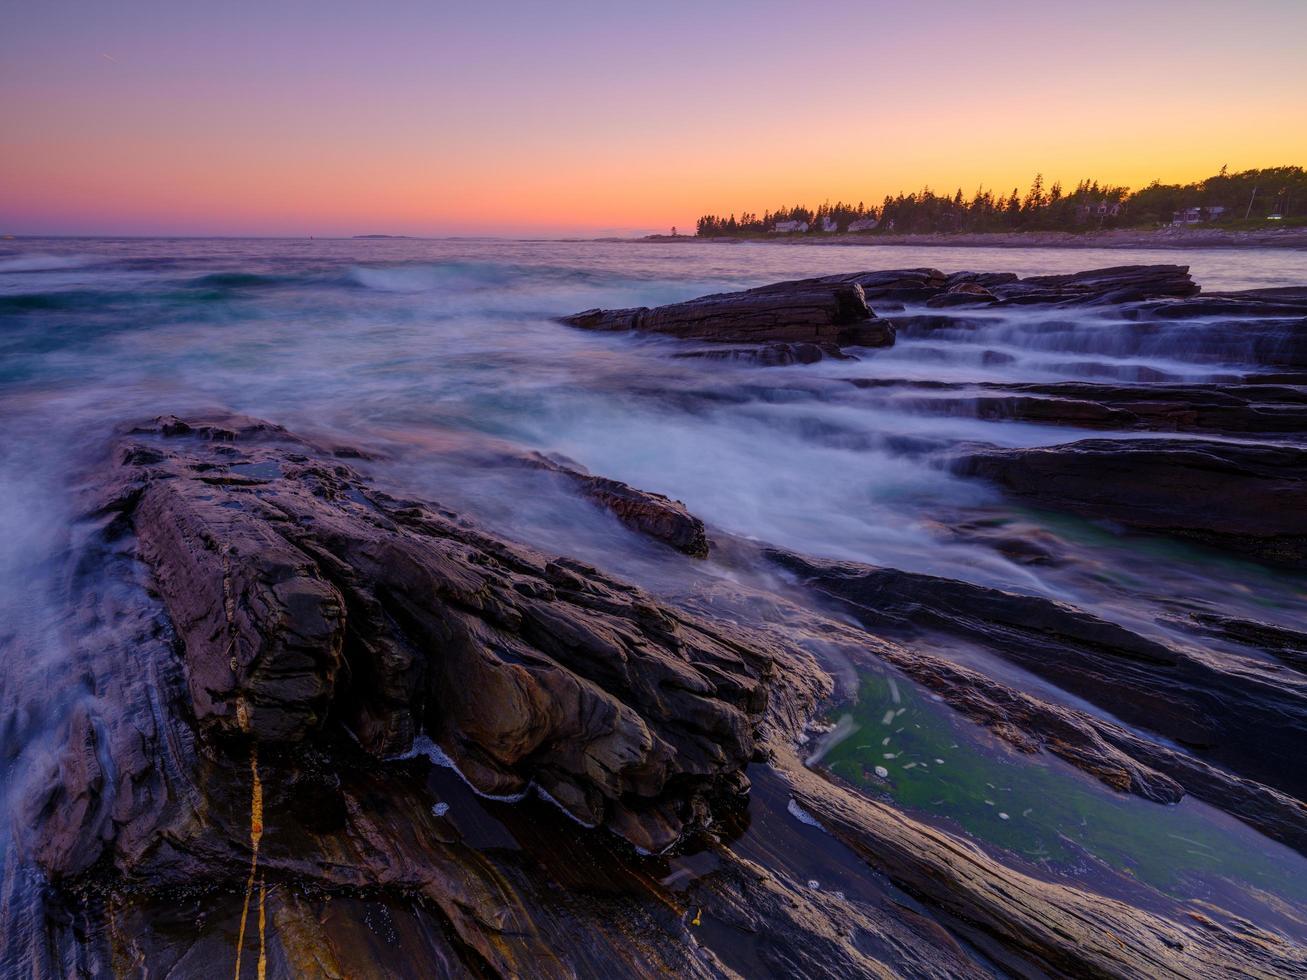 lunga esposizione delle onde sulle rocce foto